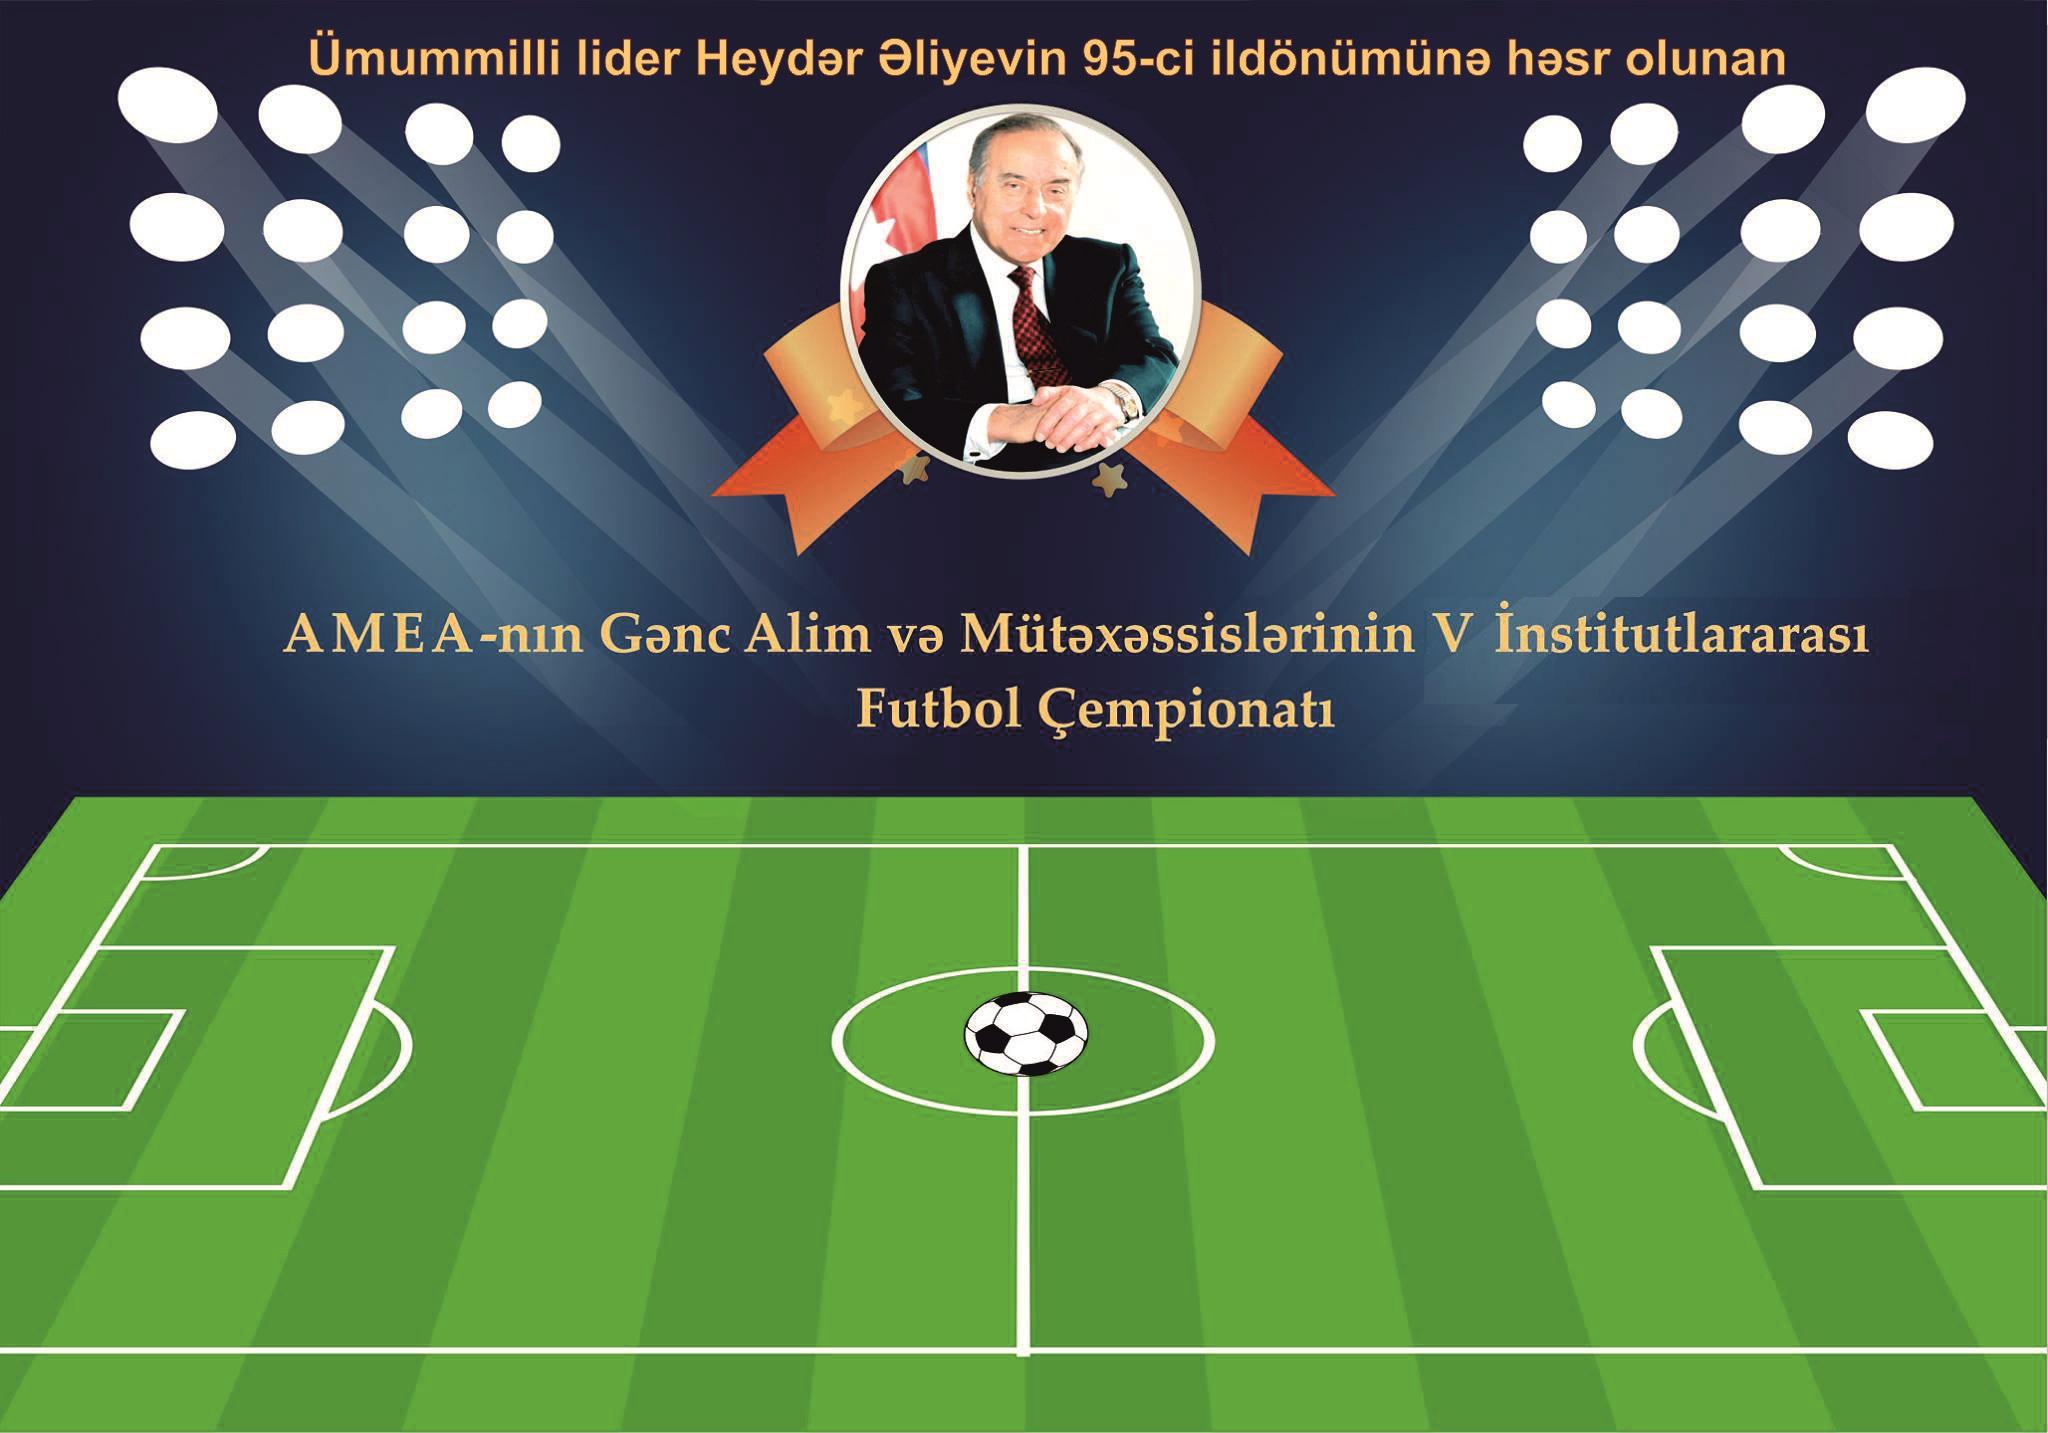 AMEA gənc alim və mütəxəssislərin institutlararası V futbol çempionatında III turun oyunları davam edir